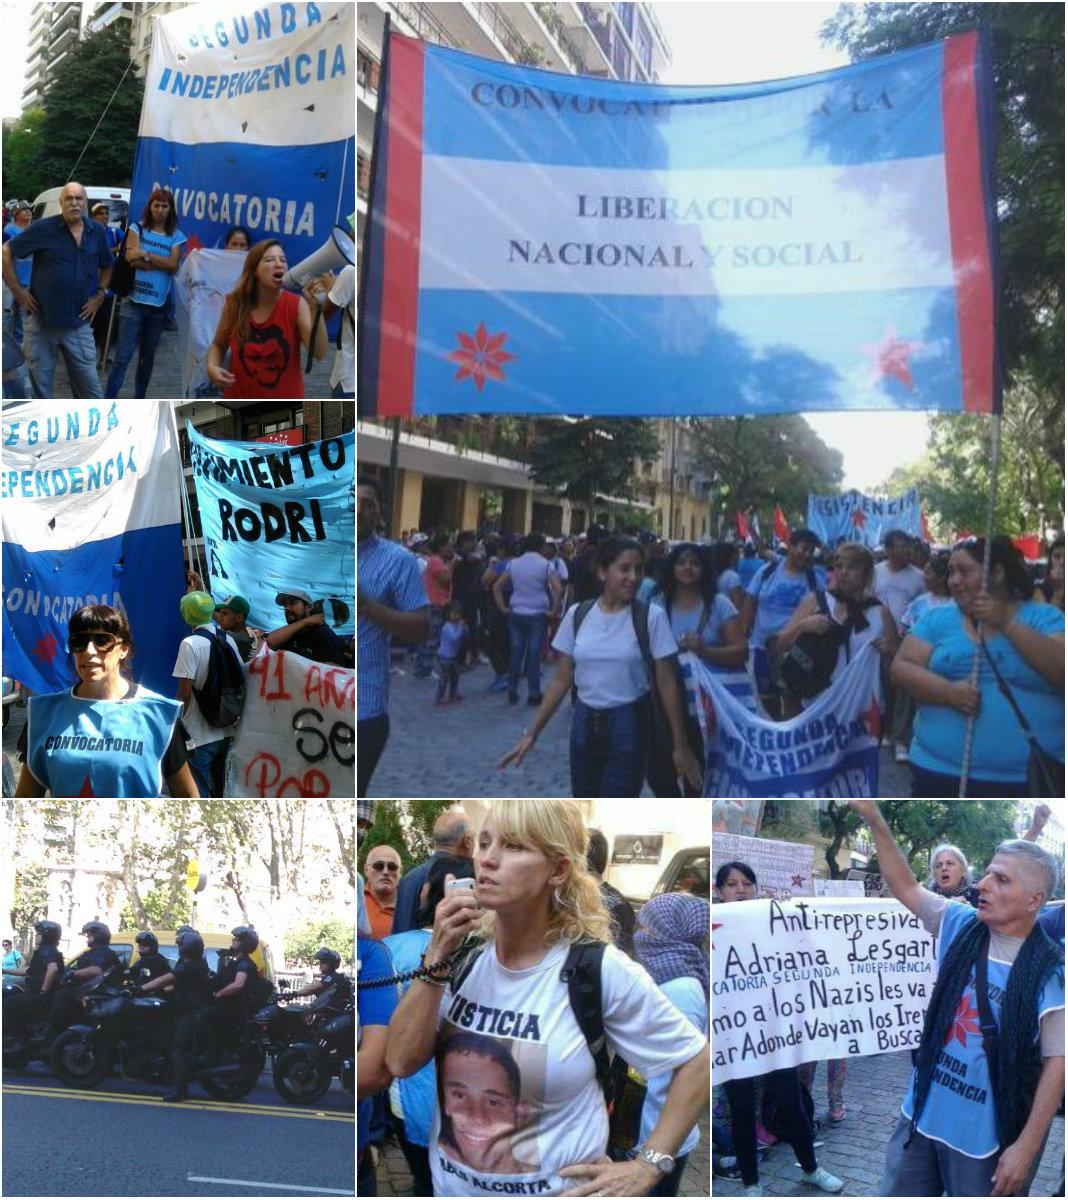 24 de Marzo: Convocatoria Segunda Independencia escrachó a Patricia Bullrich Pueyrredón